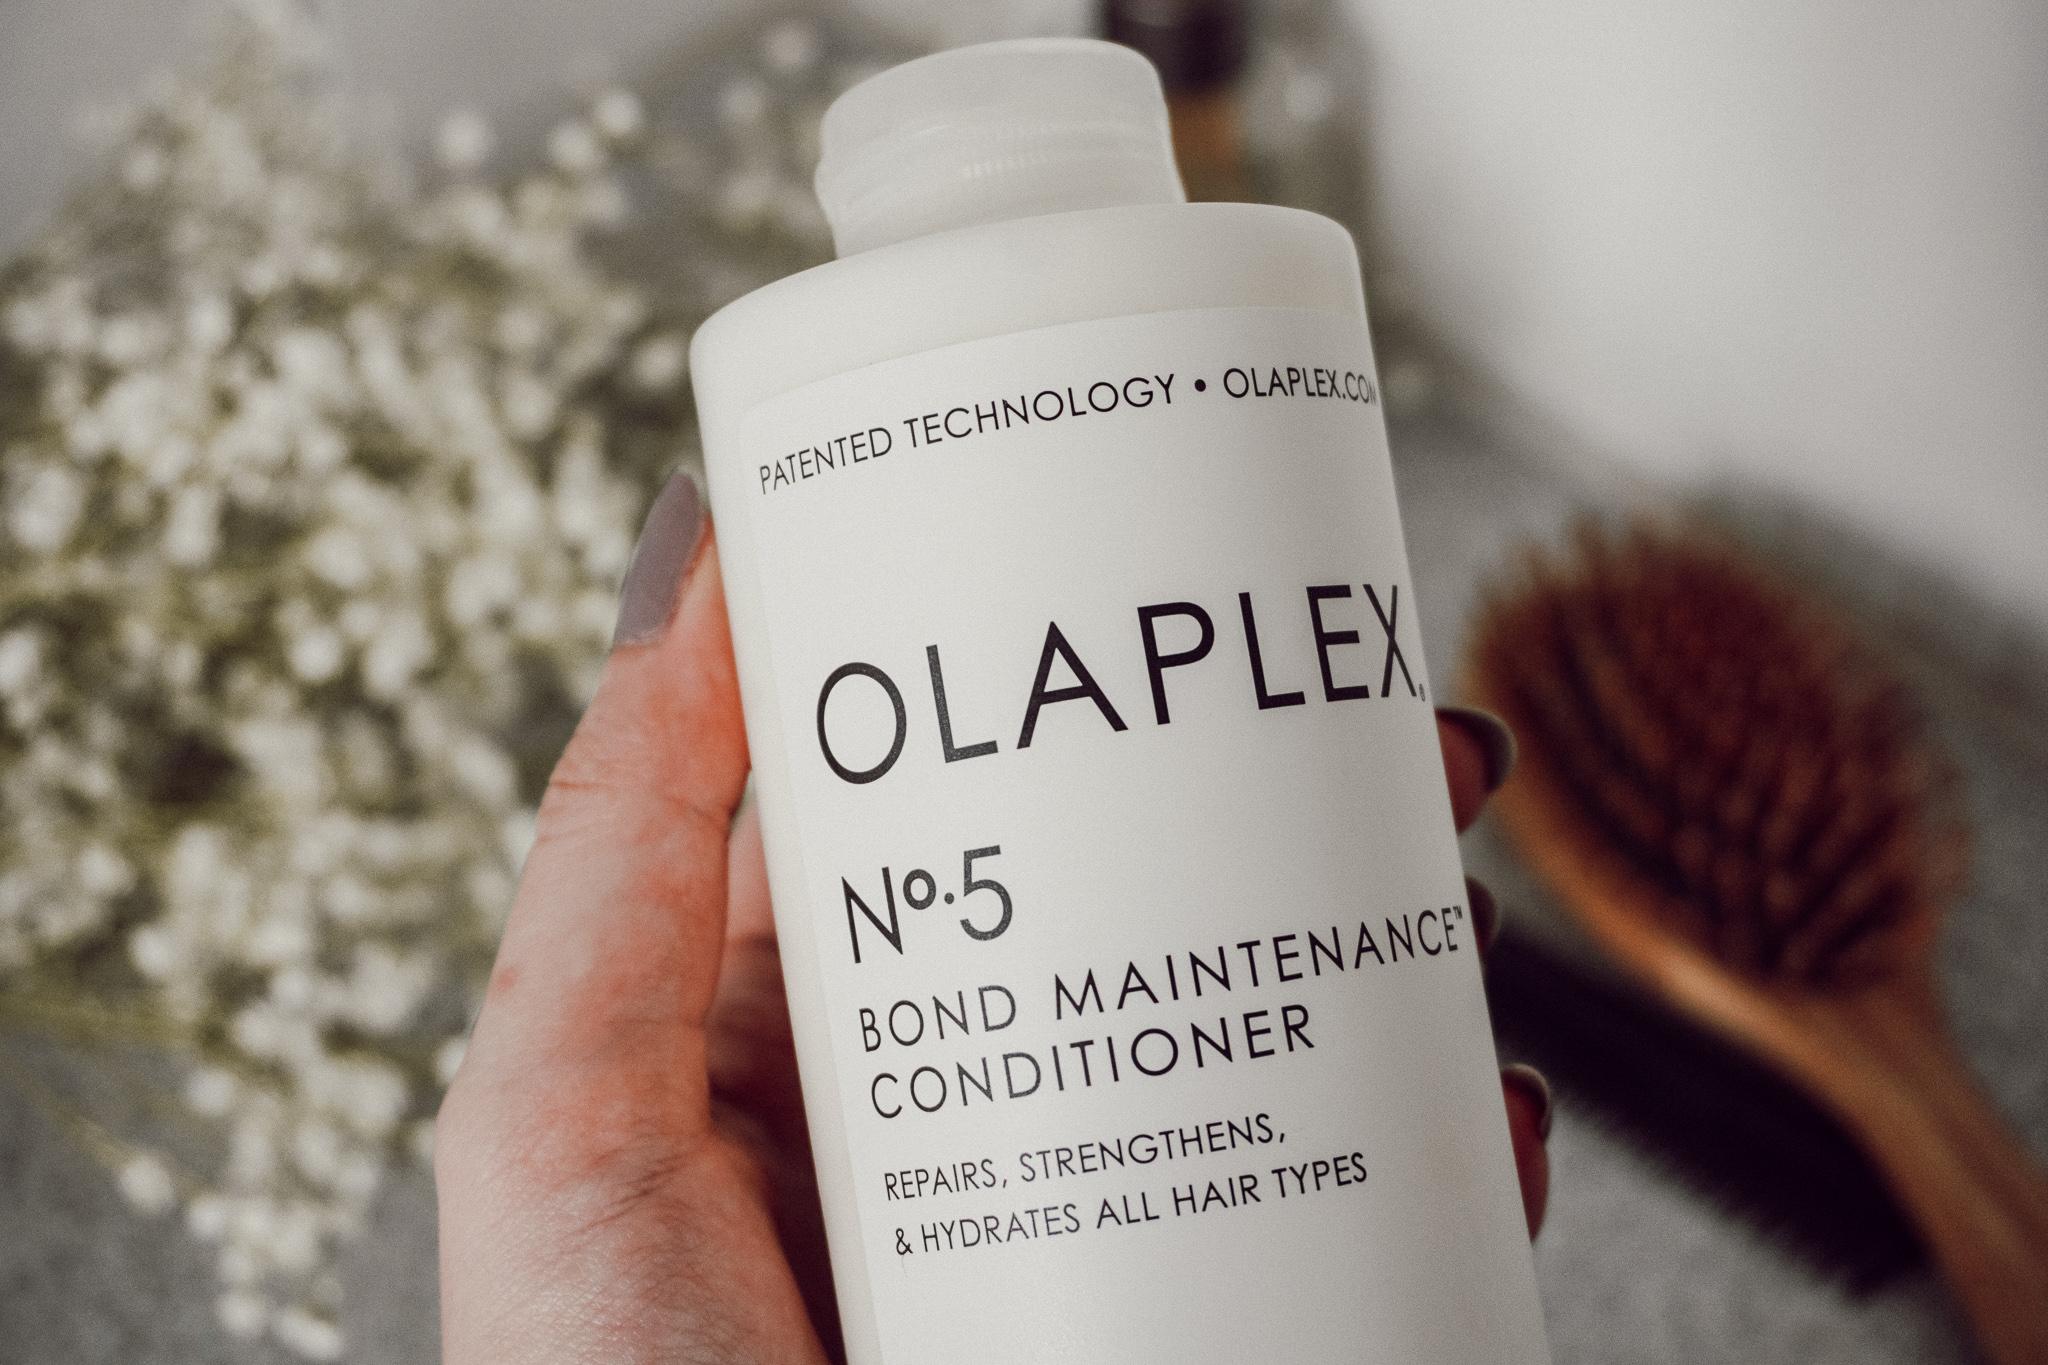 Olaplex N°5 conditioner